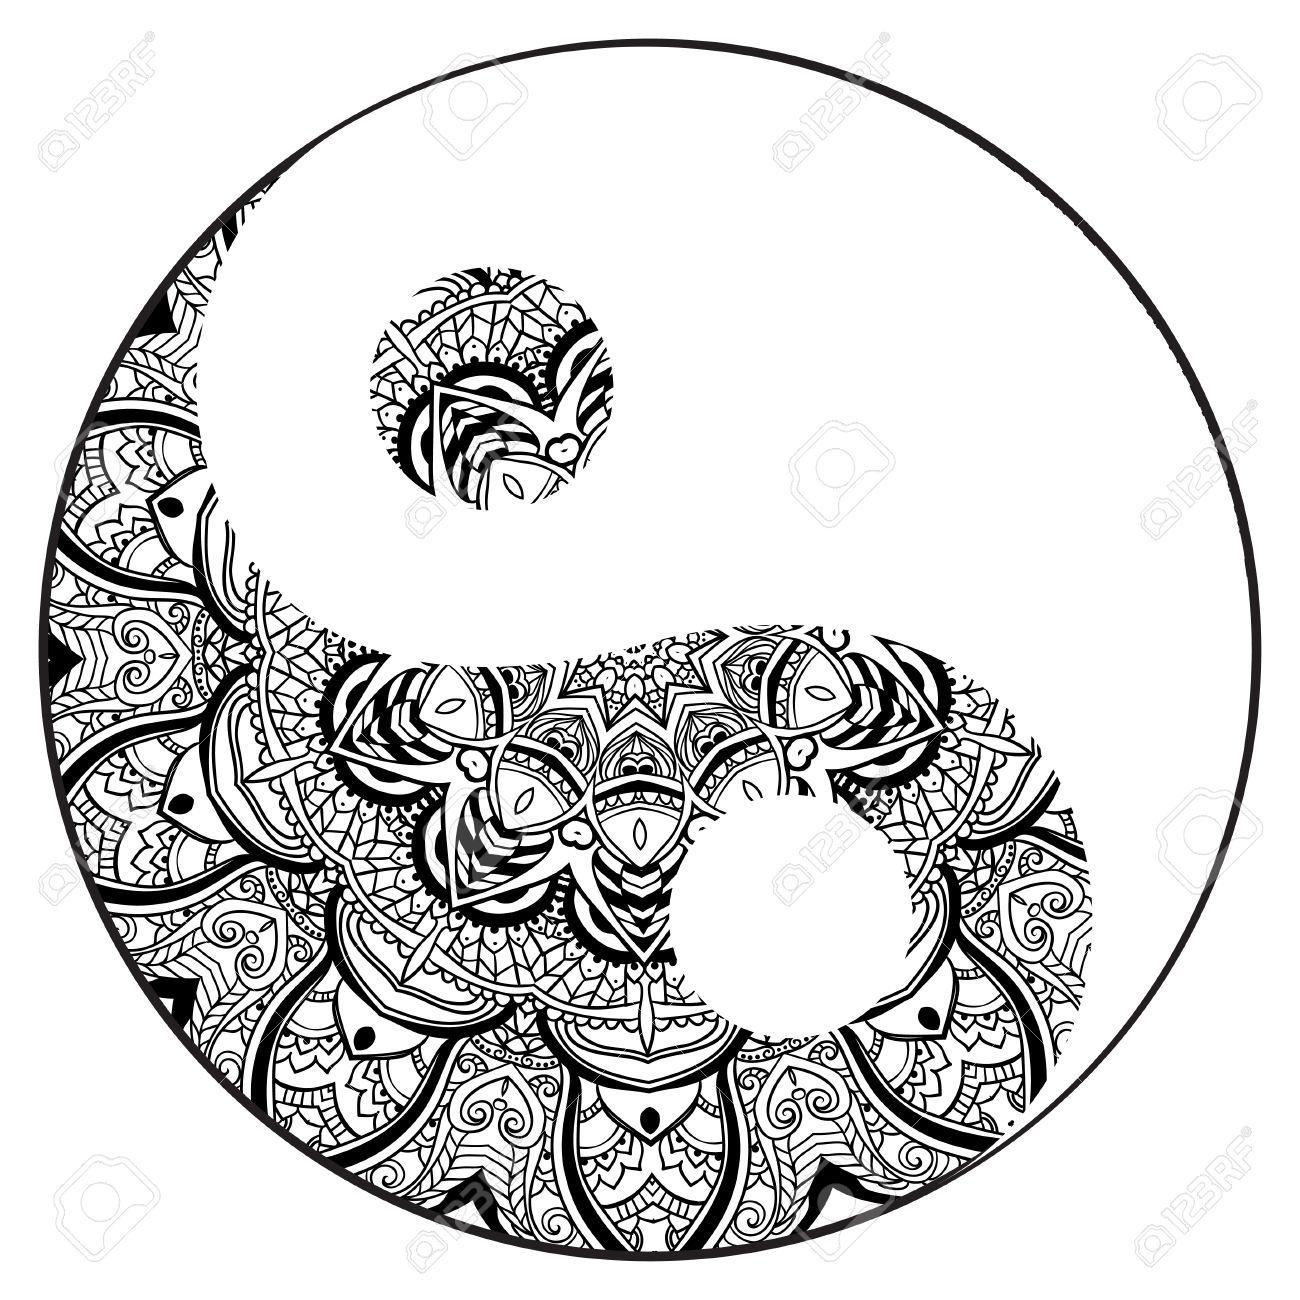 ornament card with mandala yin yang geometric circle element rh 123rf com Mandala Designs Yin Yang Mandala Painting